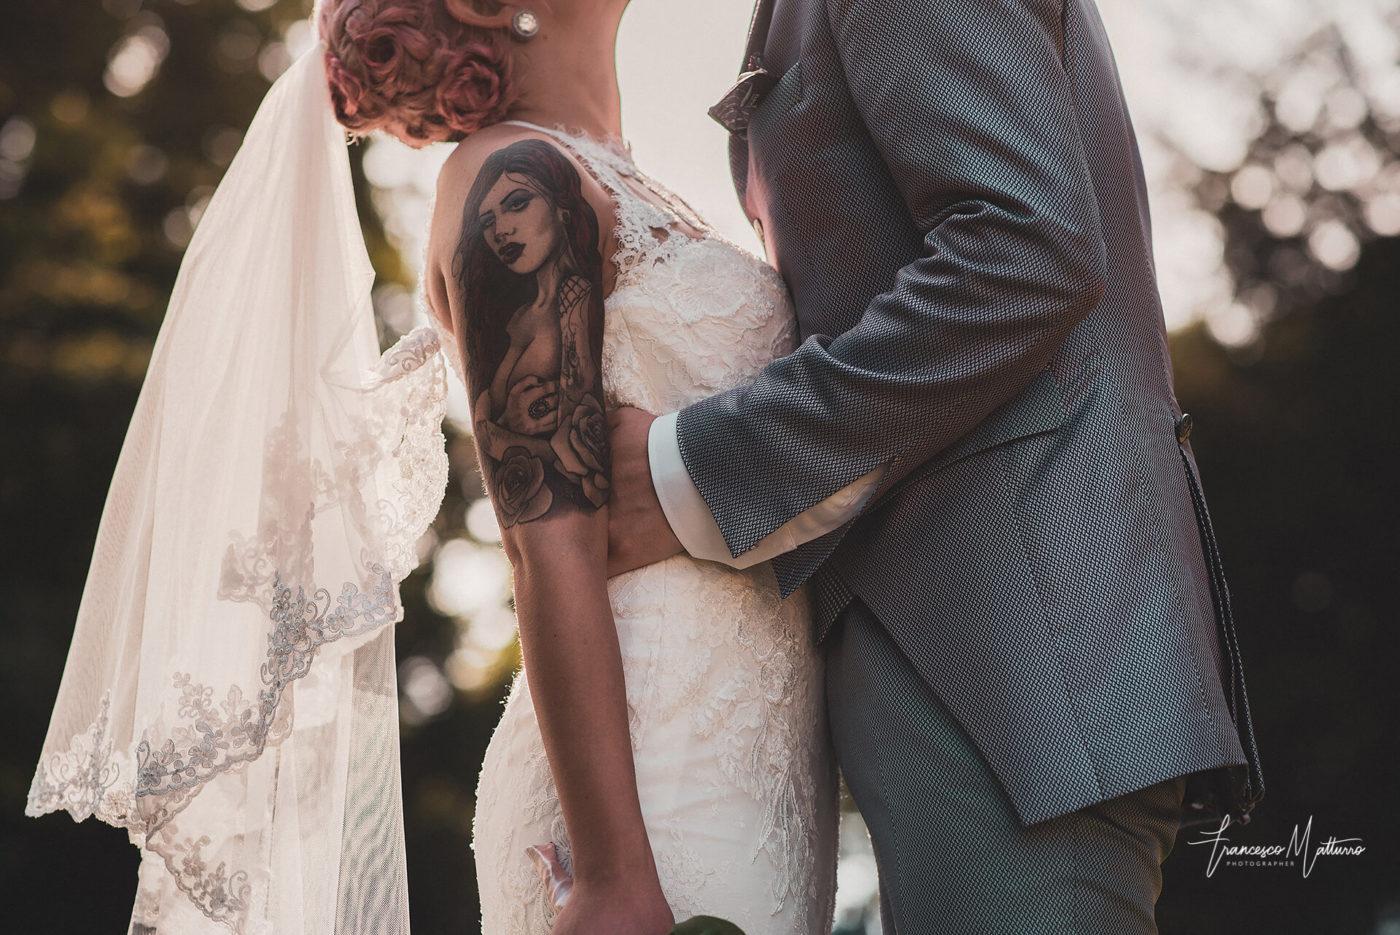 foto di coppia di sposi con tatuaggio che si baciano nel giardino del castello rosso di costigliole saluzzo di Francesco Matturro